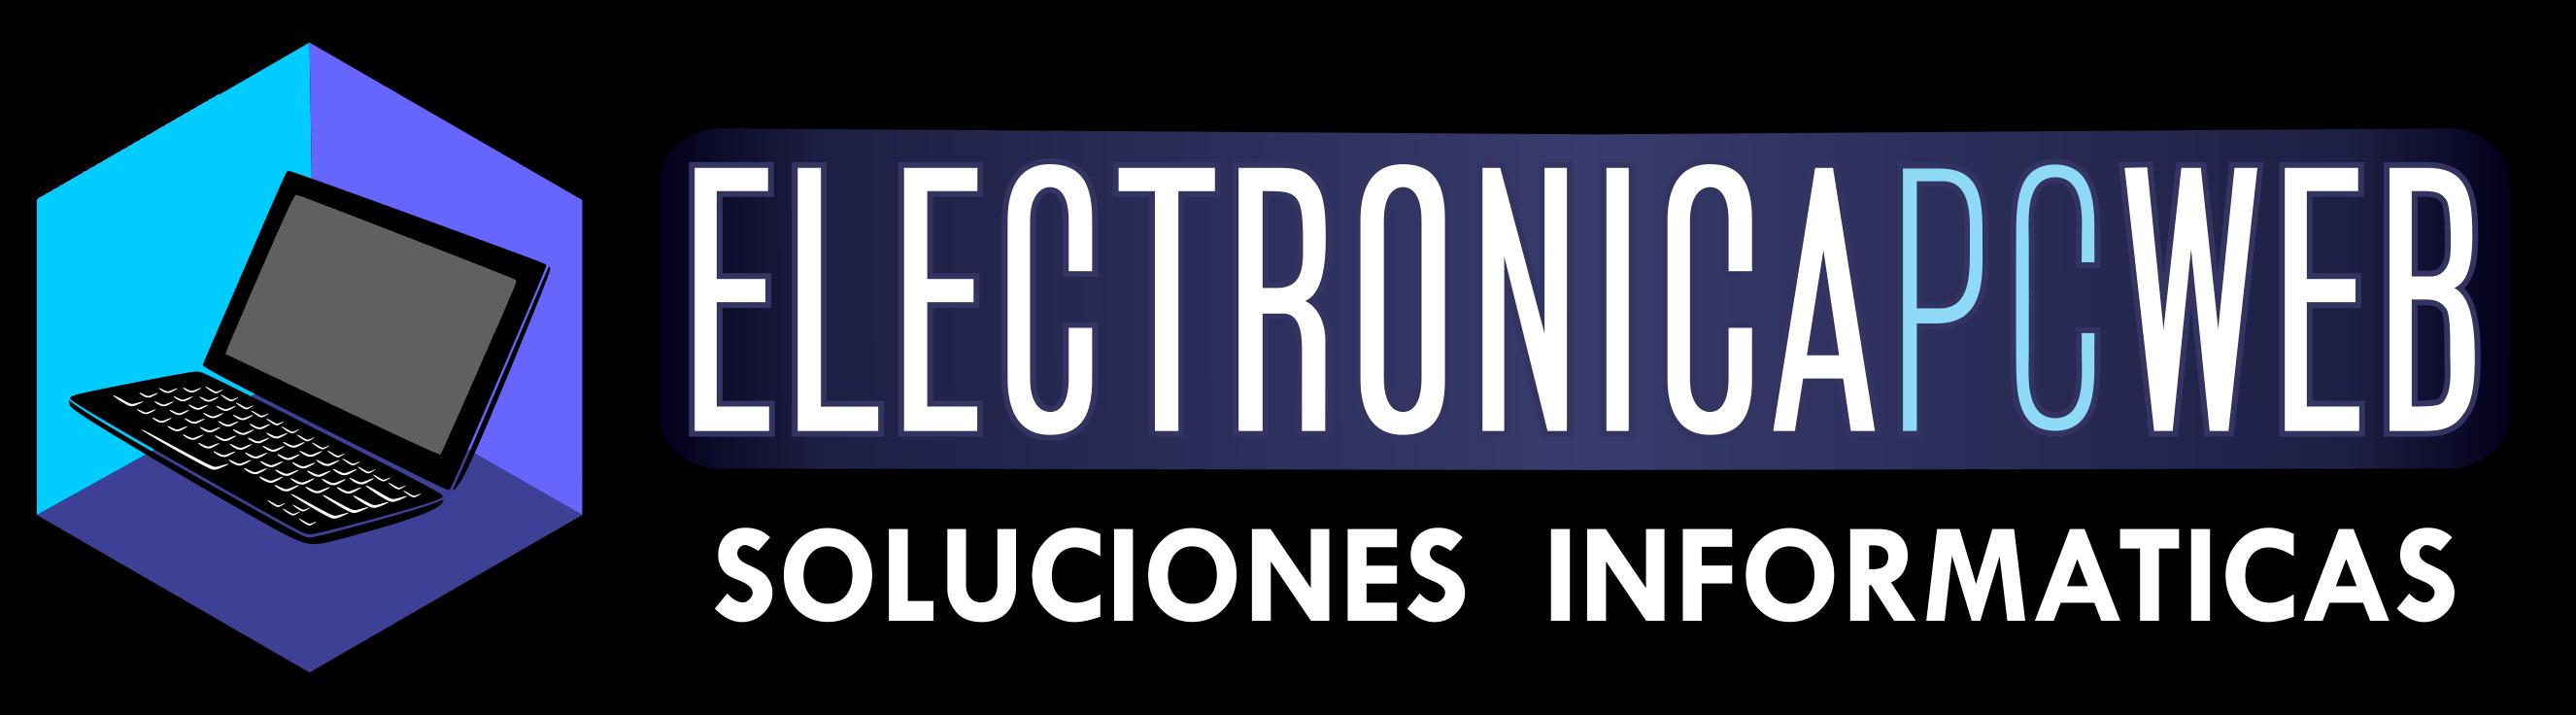 Electronica PC Web | Desarrollo y Diseño Web | Impresión 3D | Reparación de PC